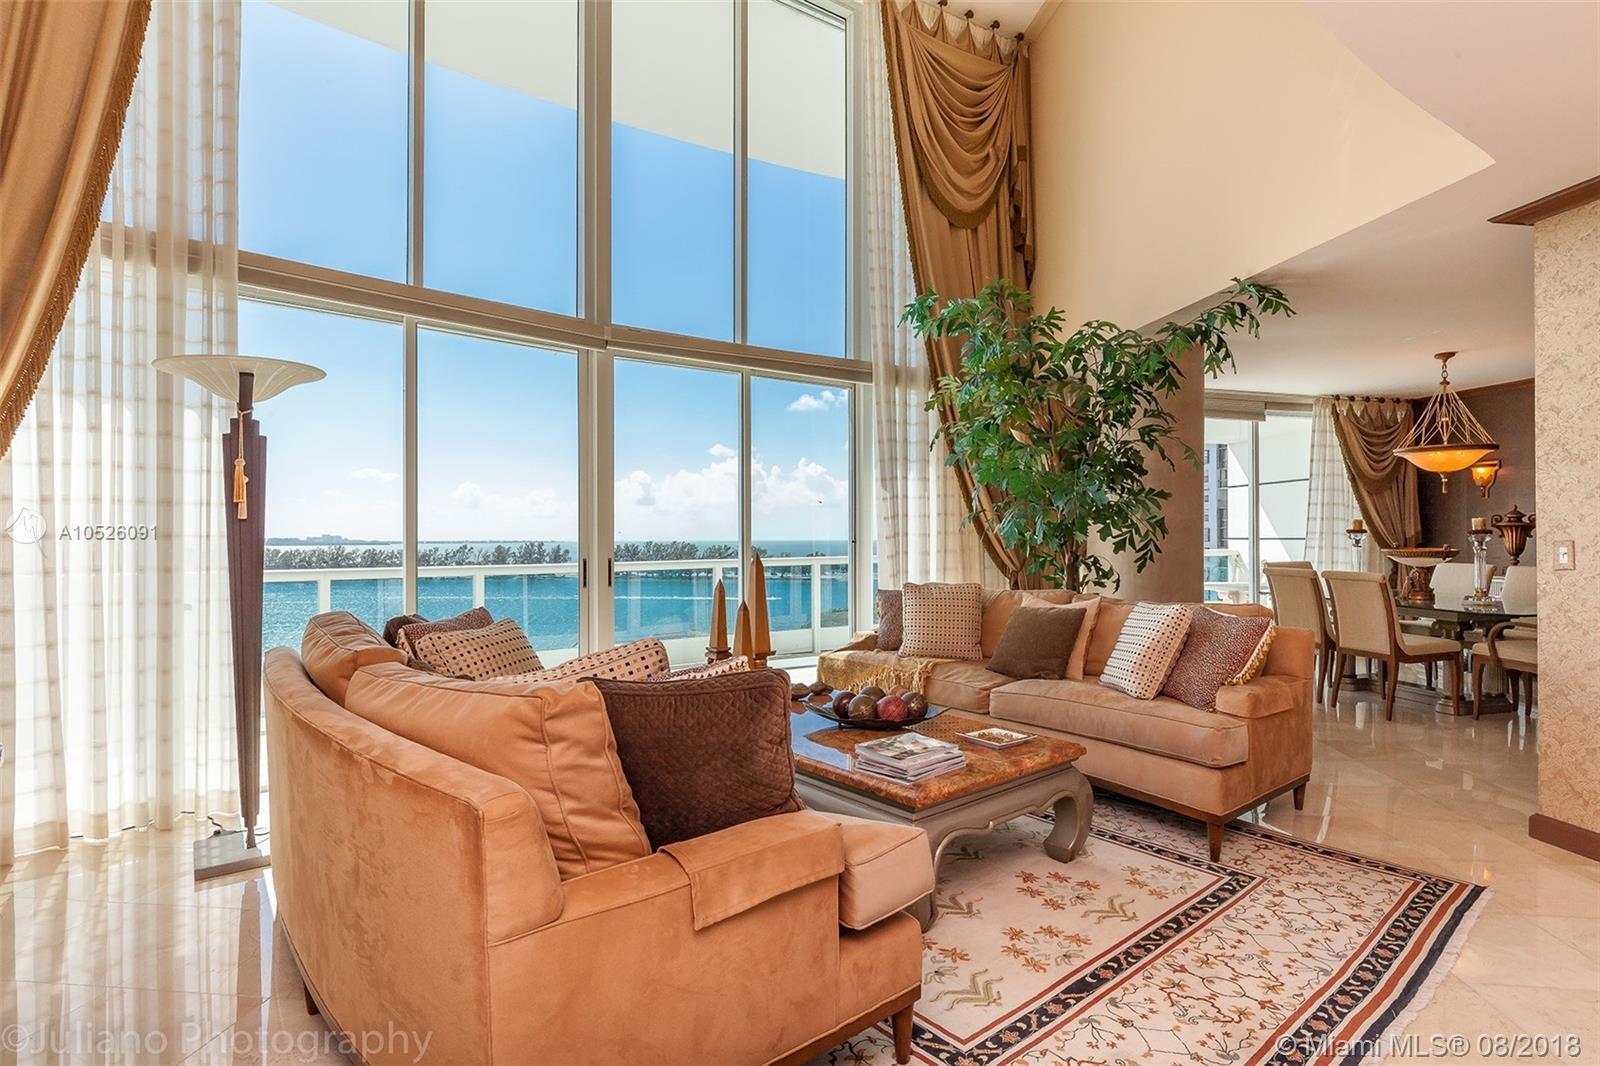 2127 Brickell Avenue, Miami, FL 33129, Bristol Tower Condominium #1103, Brickell, Miami A10526091 image #26